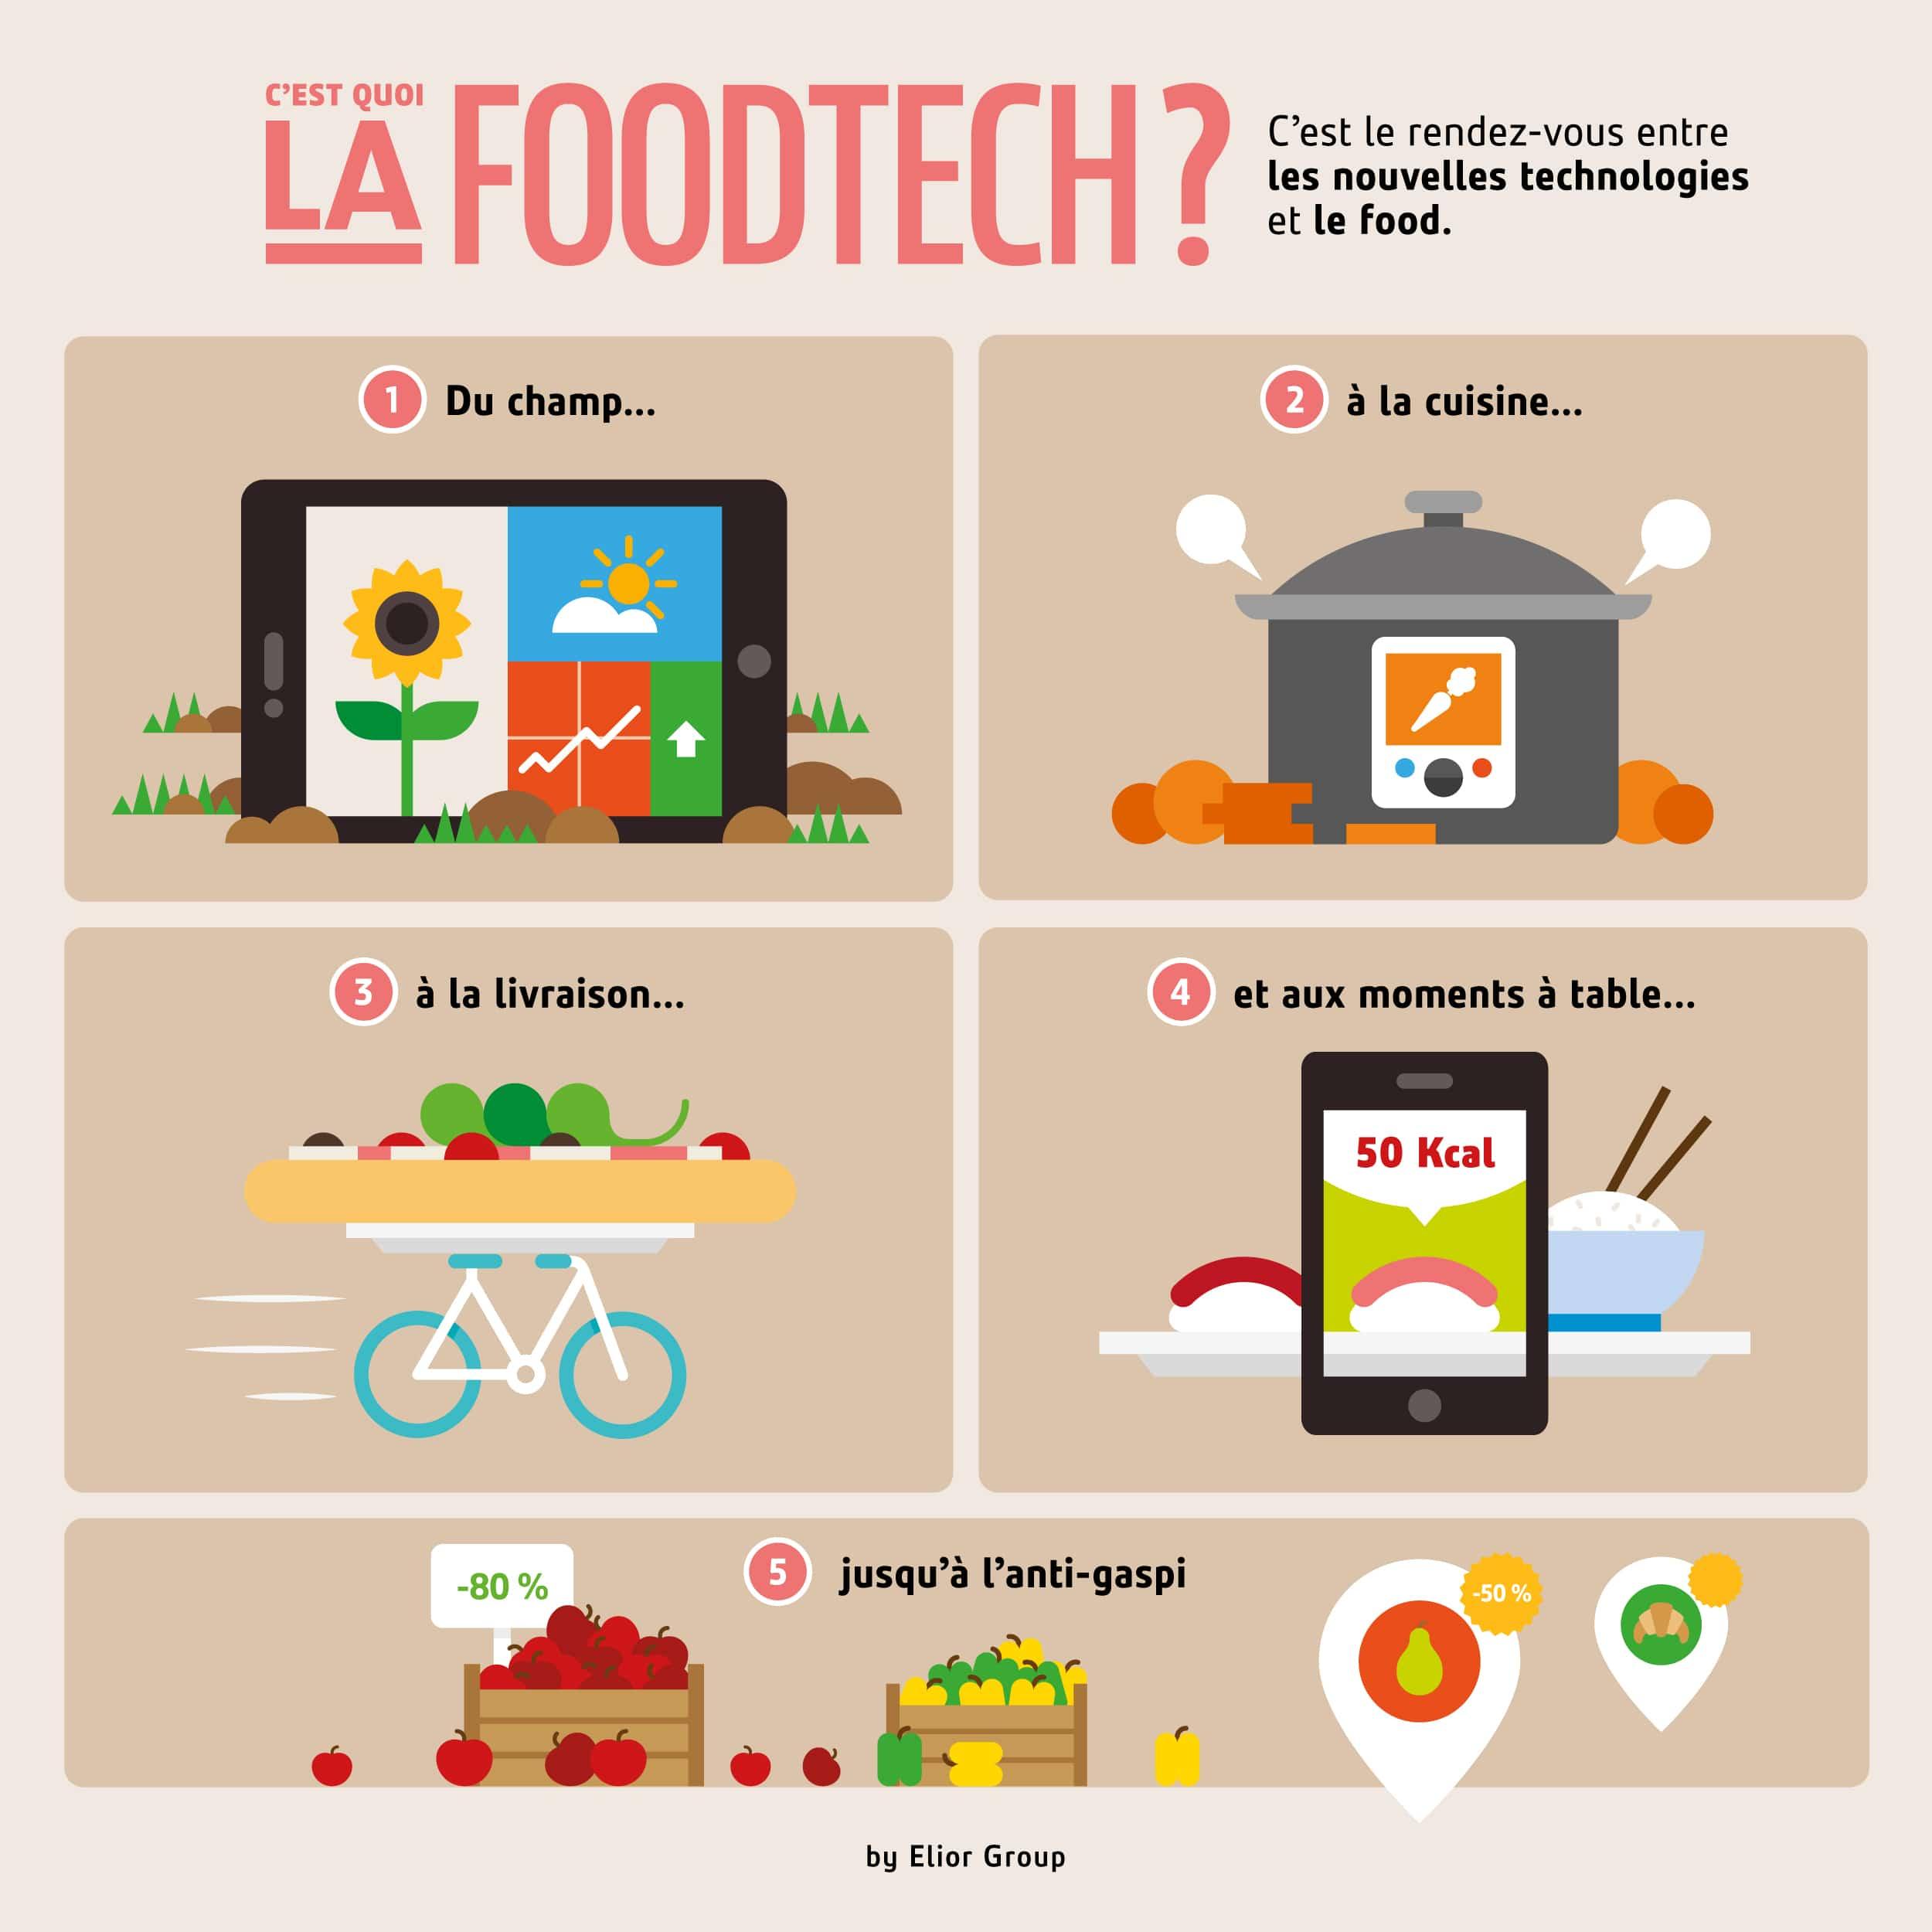 C'est quoi la FoodTech - Définition  infographie Elior Group